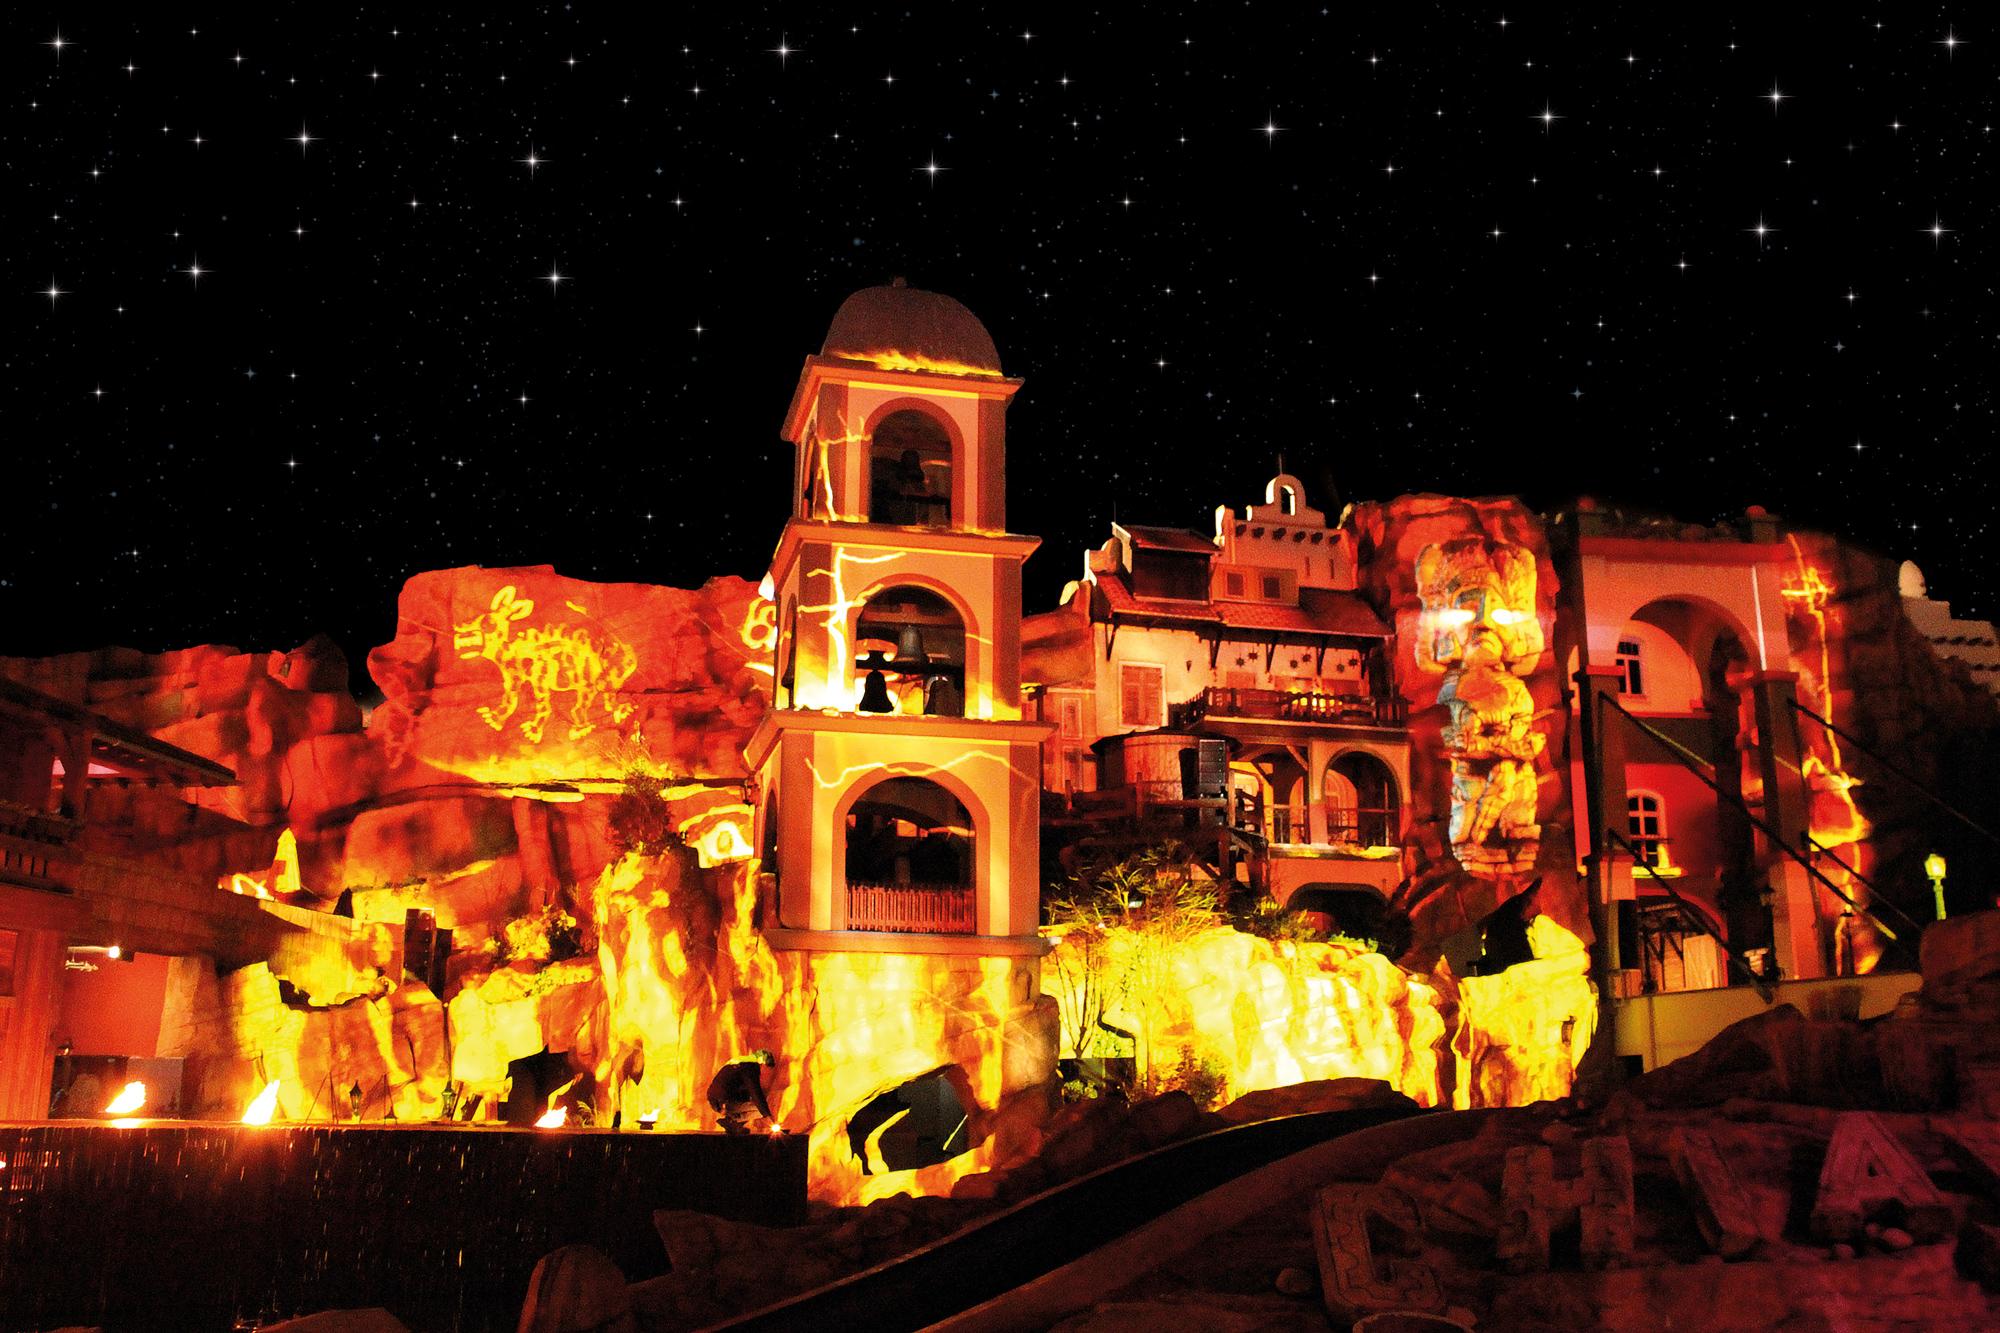 Tiempo de Fuego - Eine atemberaubende Licht- und Feuershow voller Mystik und Magie